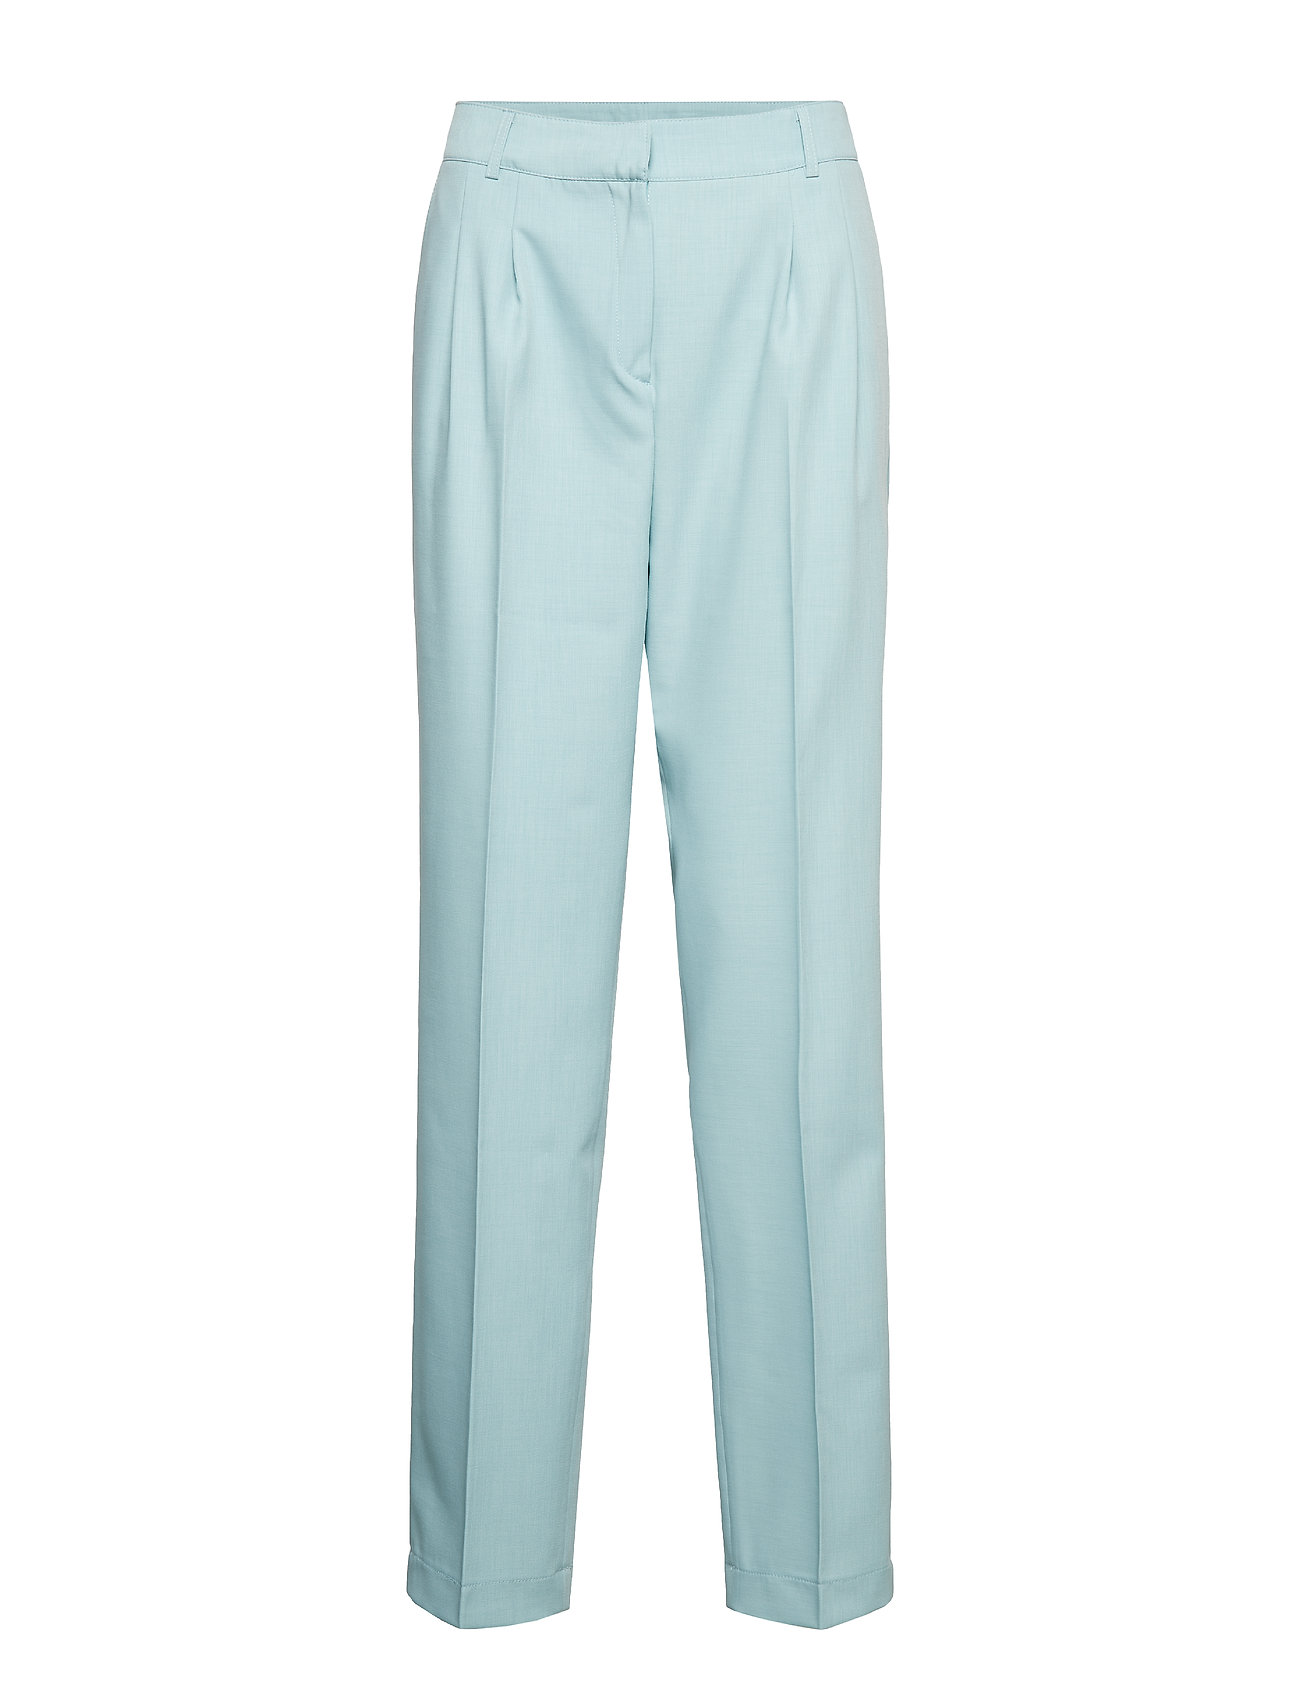 Birgitte Herskind Noma Pants - LIGHT BLUE